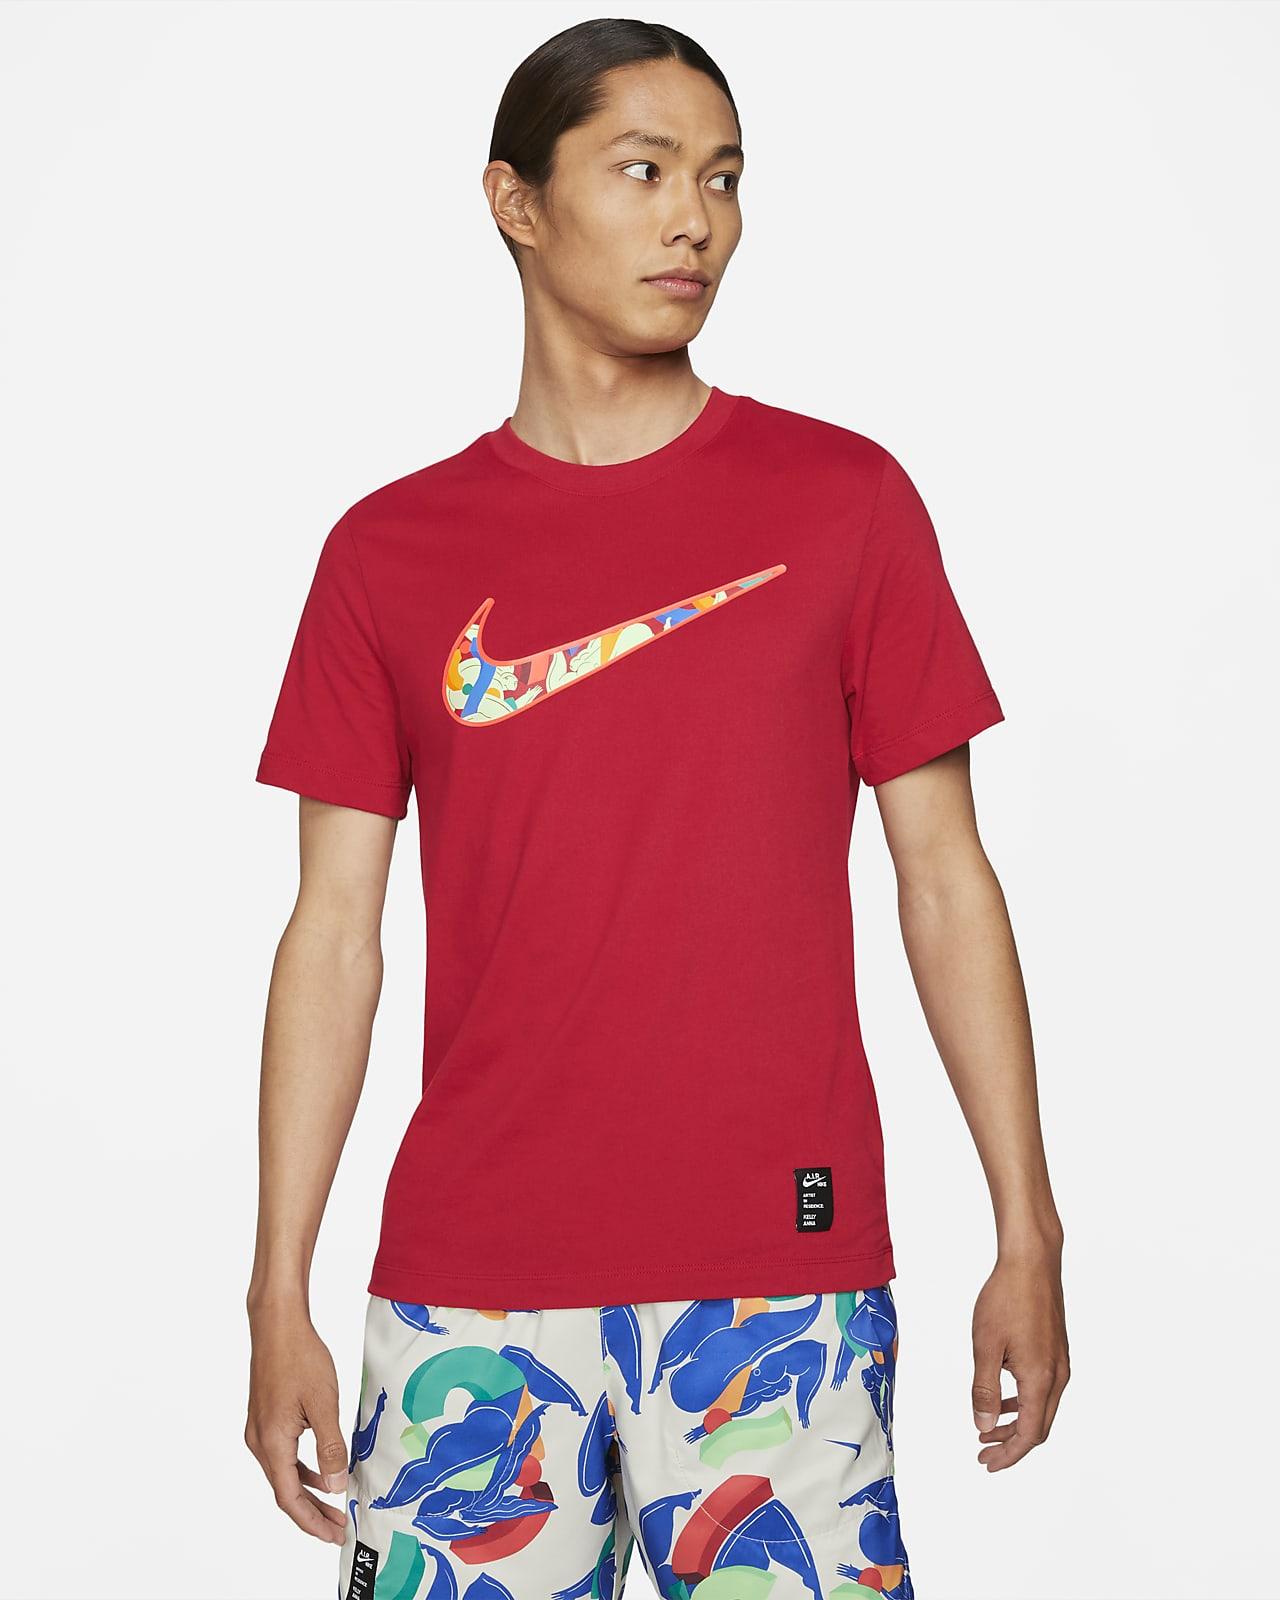 Nike Dri-FIT A.I.R. เสื้อยืดวิ่งผู้ชาย Kelly Anna London